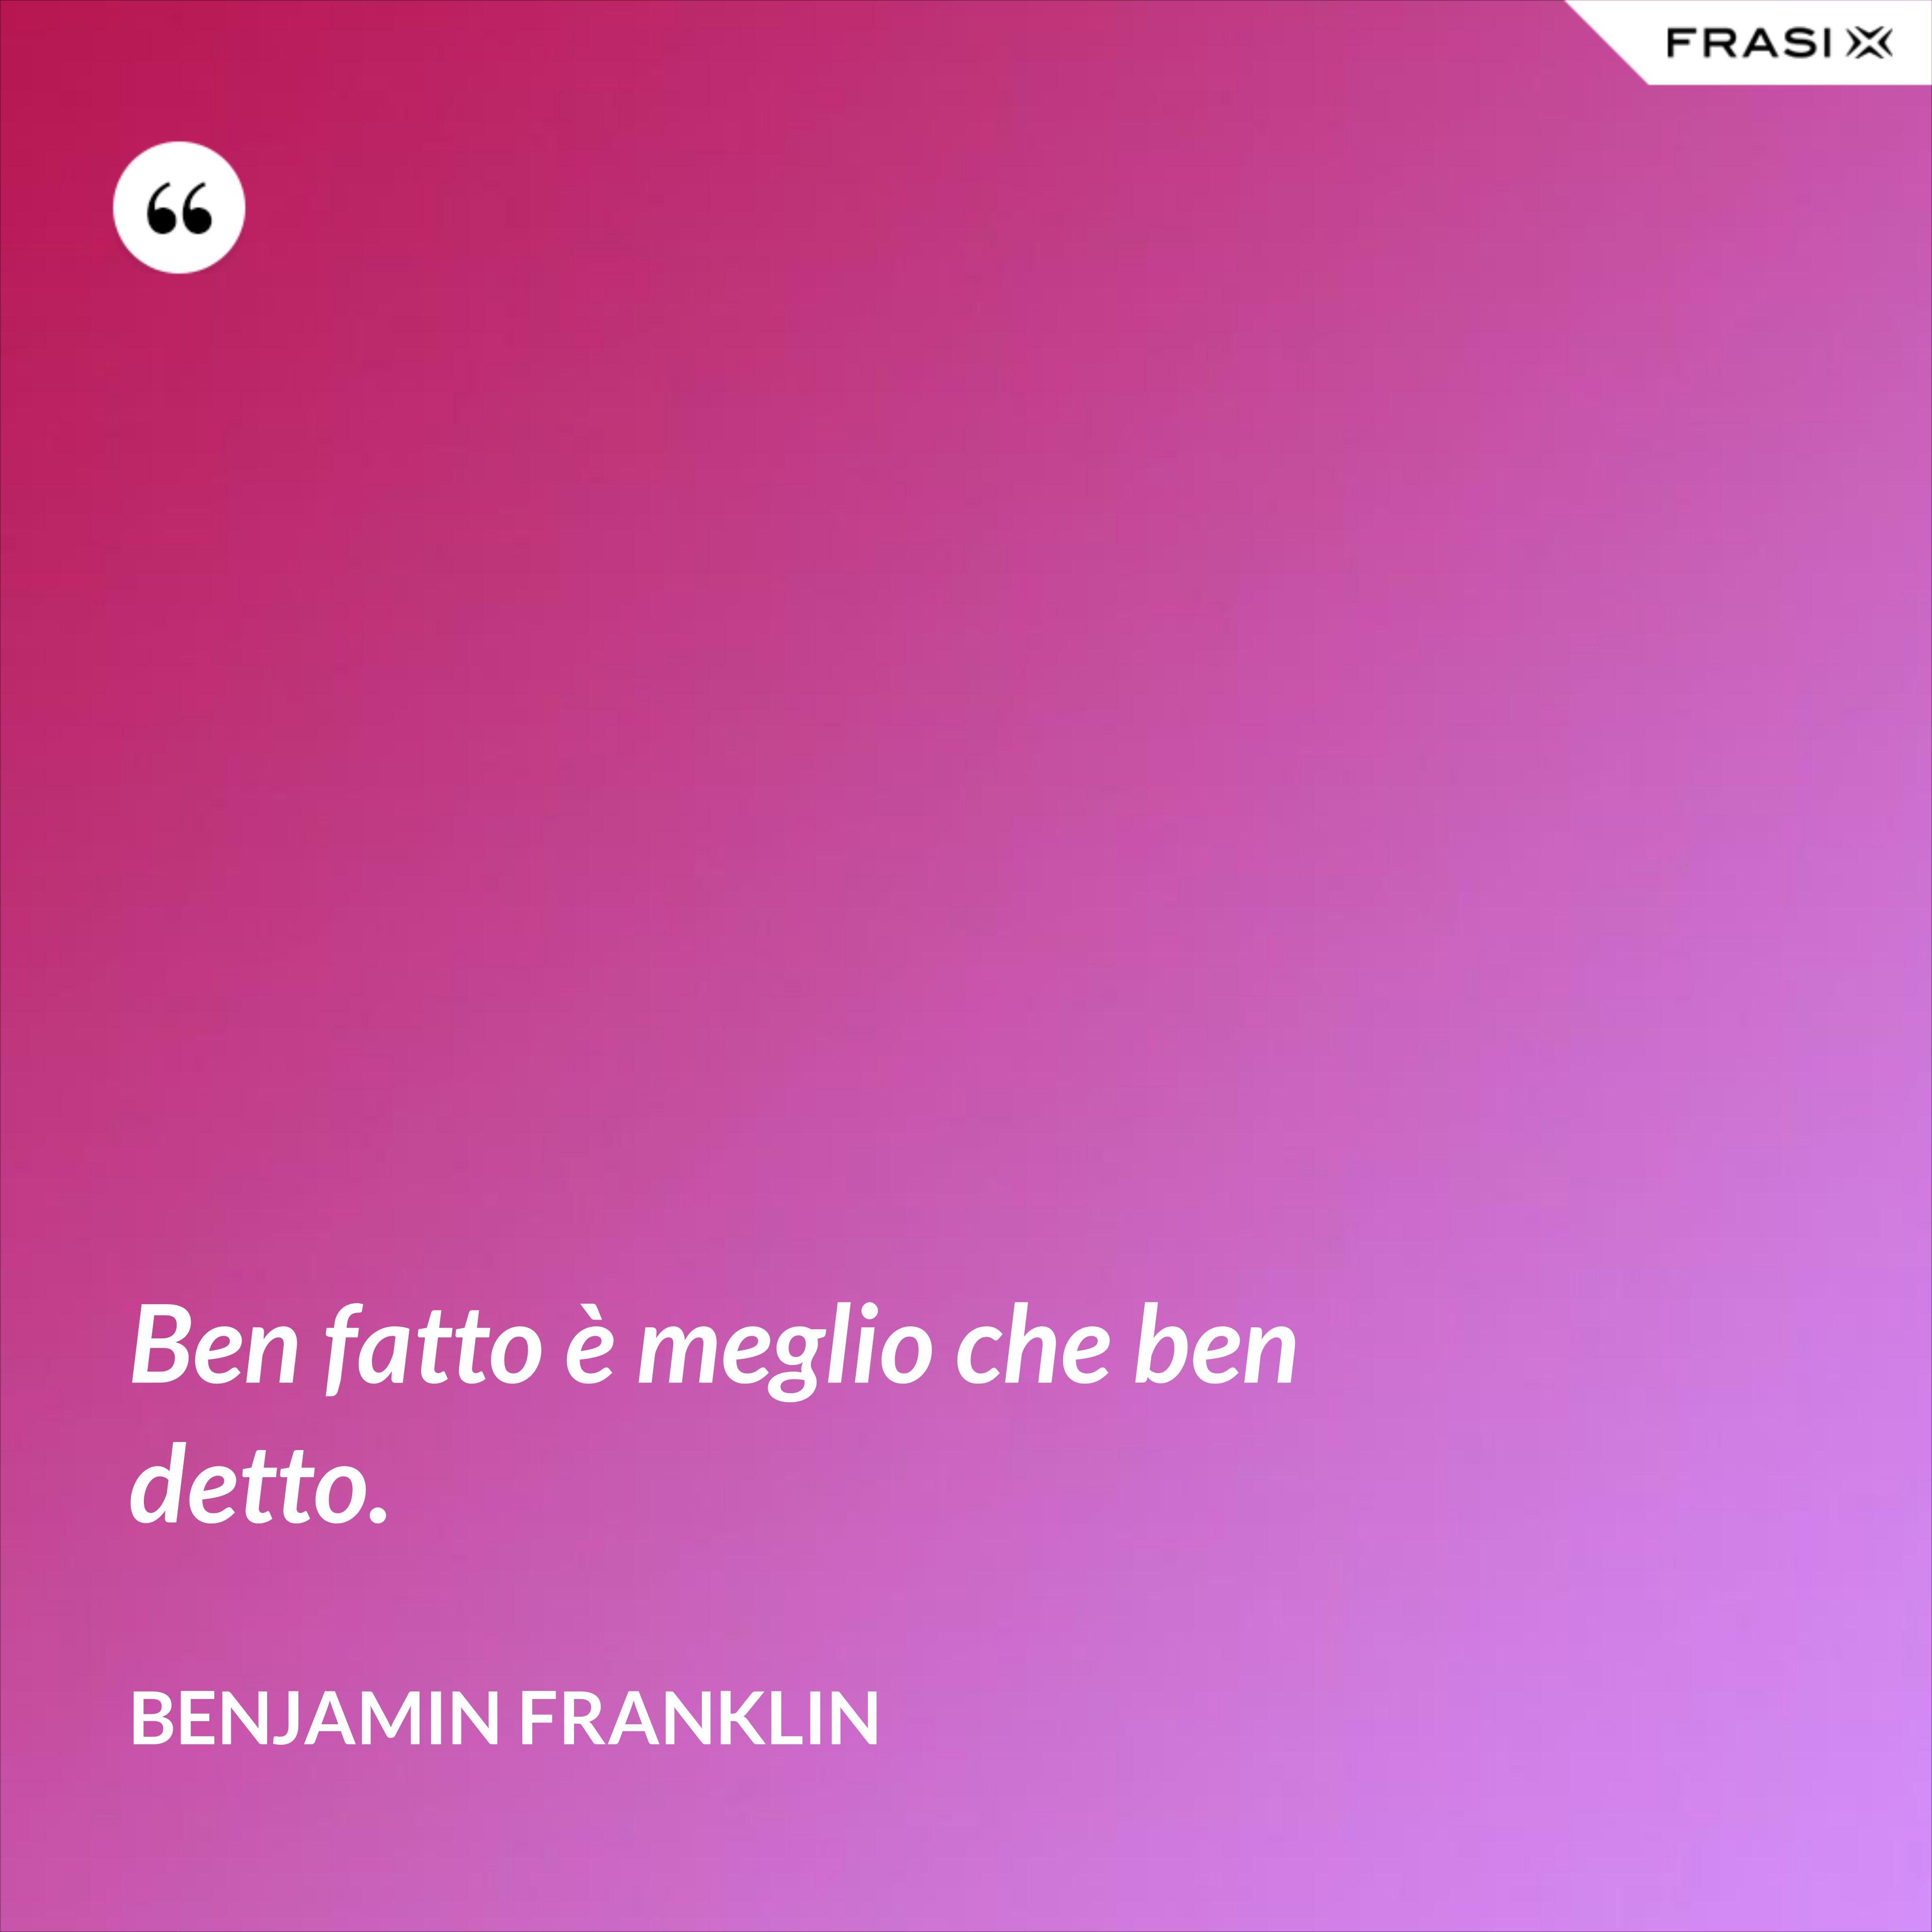 Ben fatto è meglio che ben detto. - Benjamin Franklin